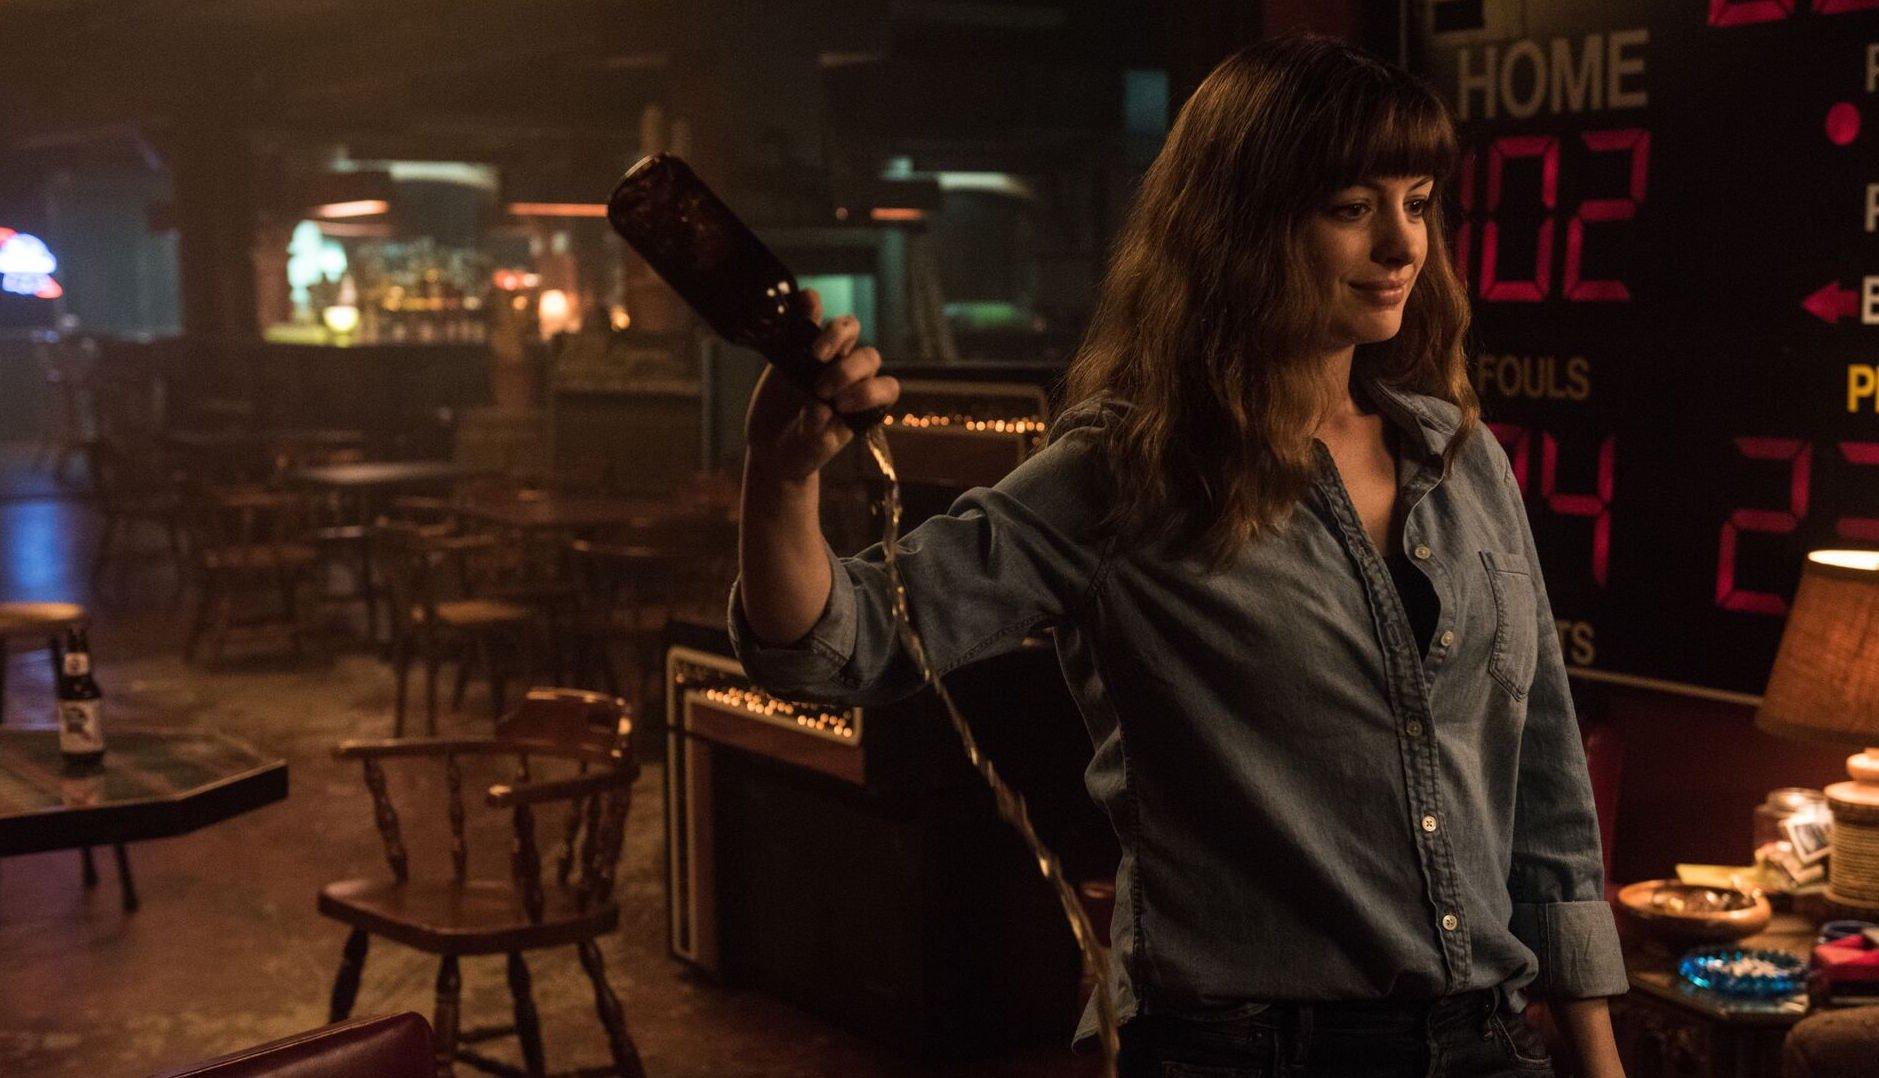 моя девушка – монстр 2016 смотреть Энн Хэтэуэй Джейсон Судейкис комедия драма фантастика кино рецензии отвратительные мужики